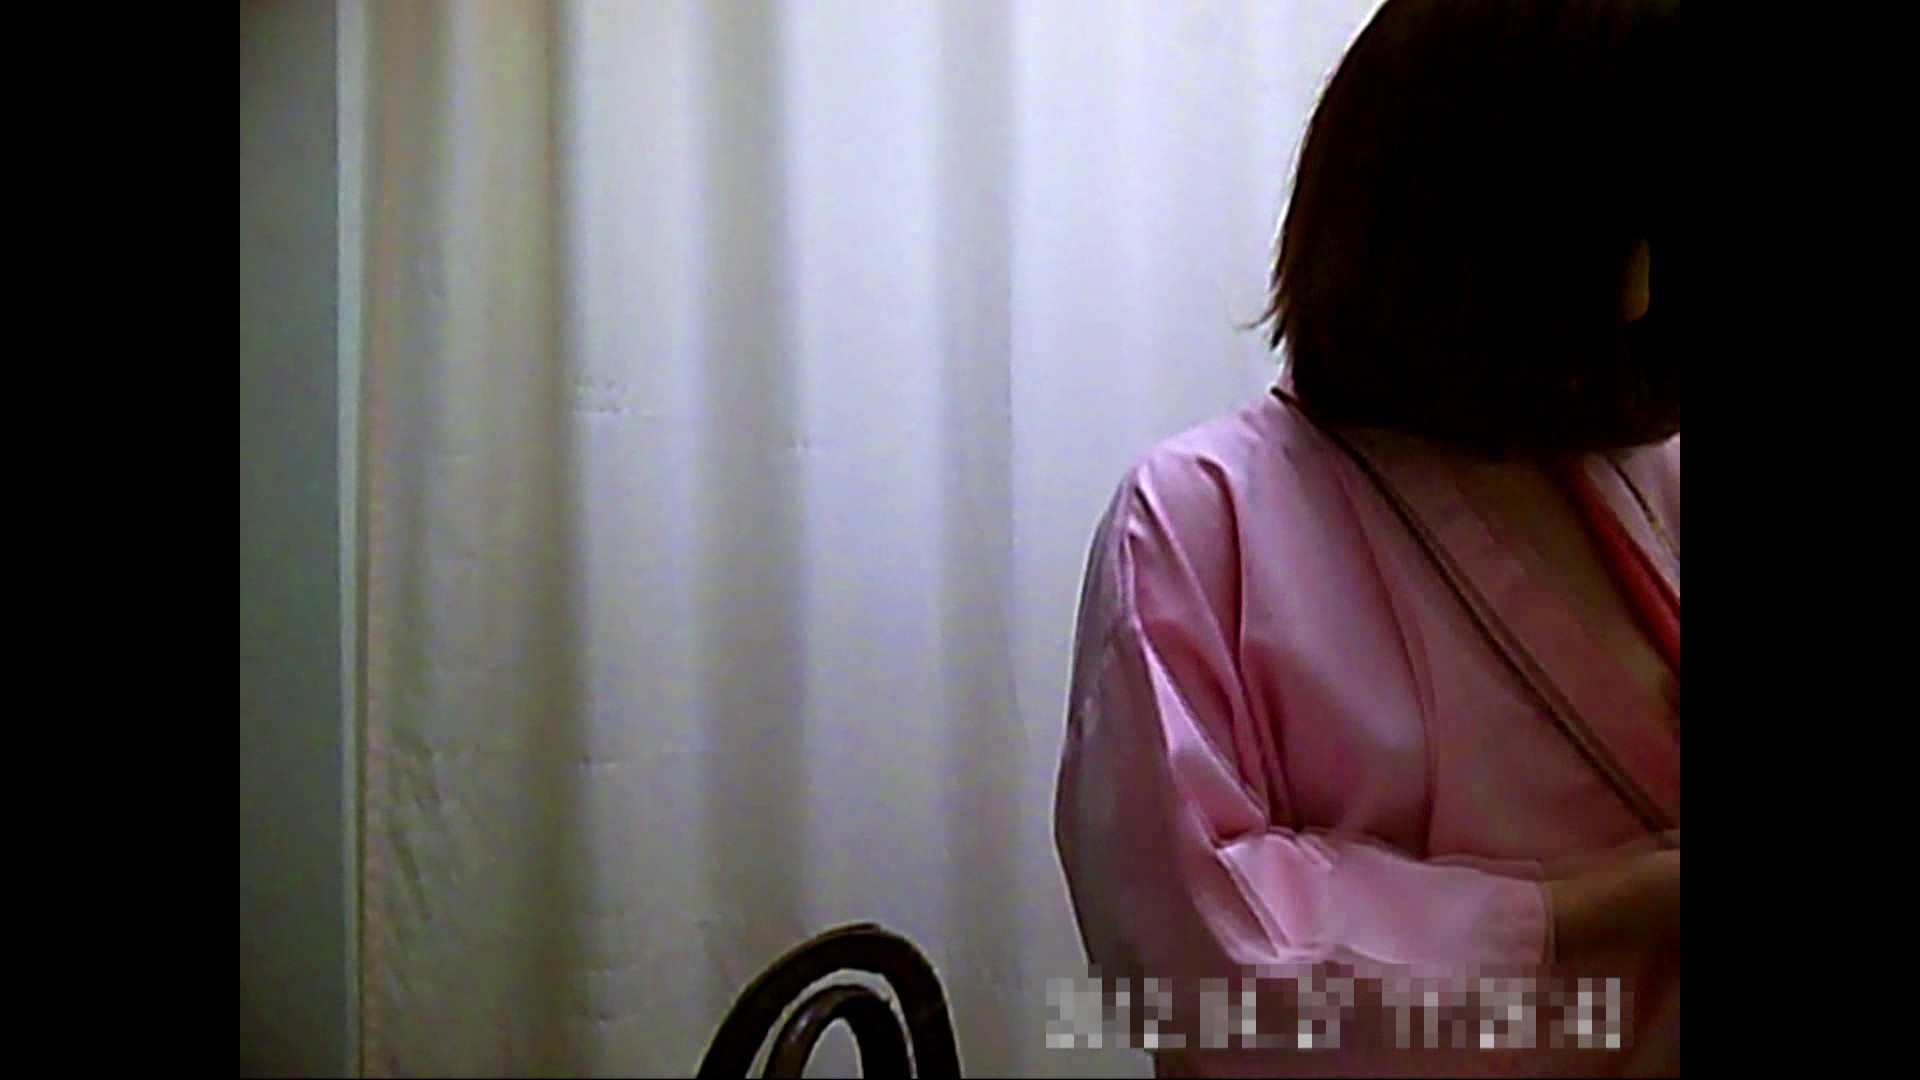 元医者による反抗 更衣室地獄絵巻 vol.004 お姉さん  104PIX 3